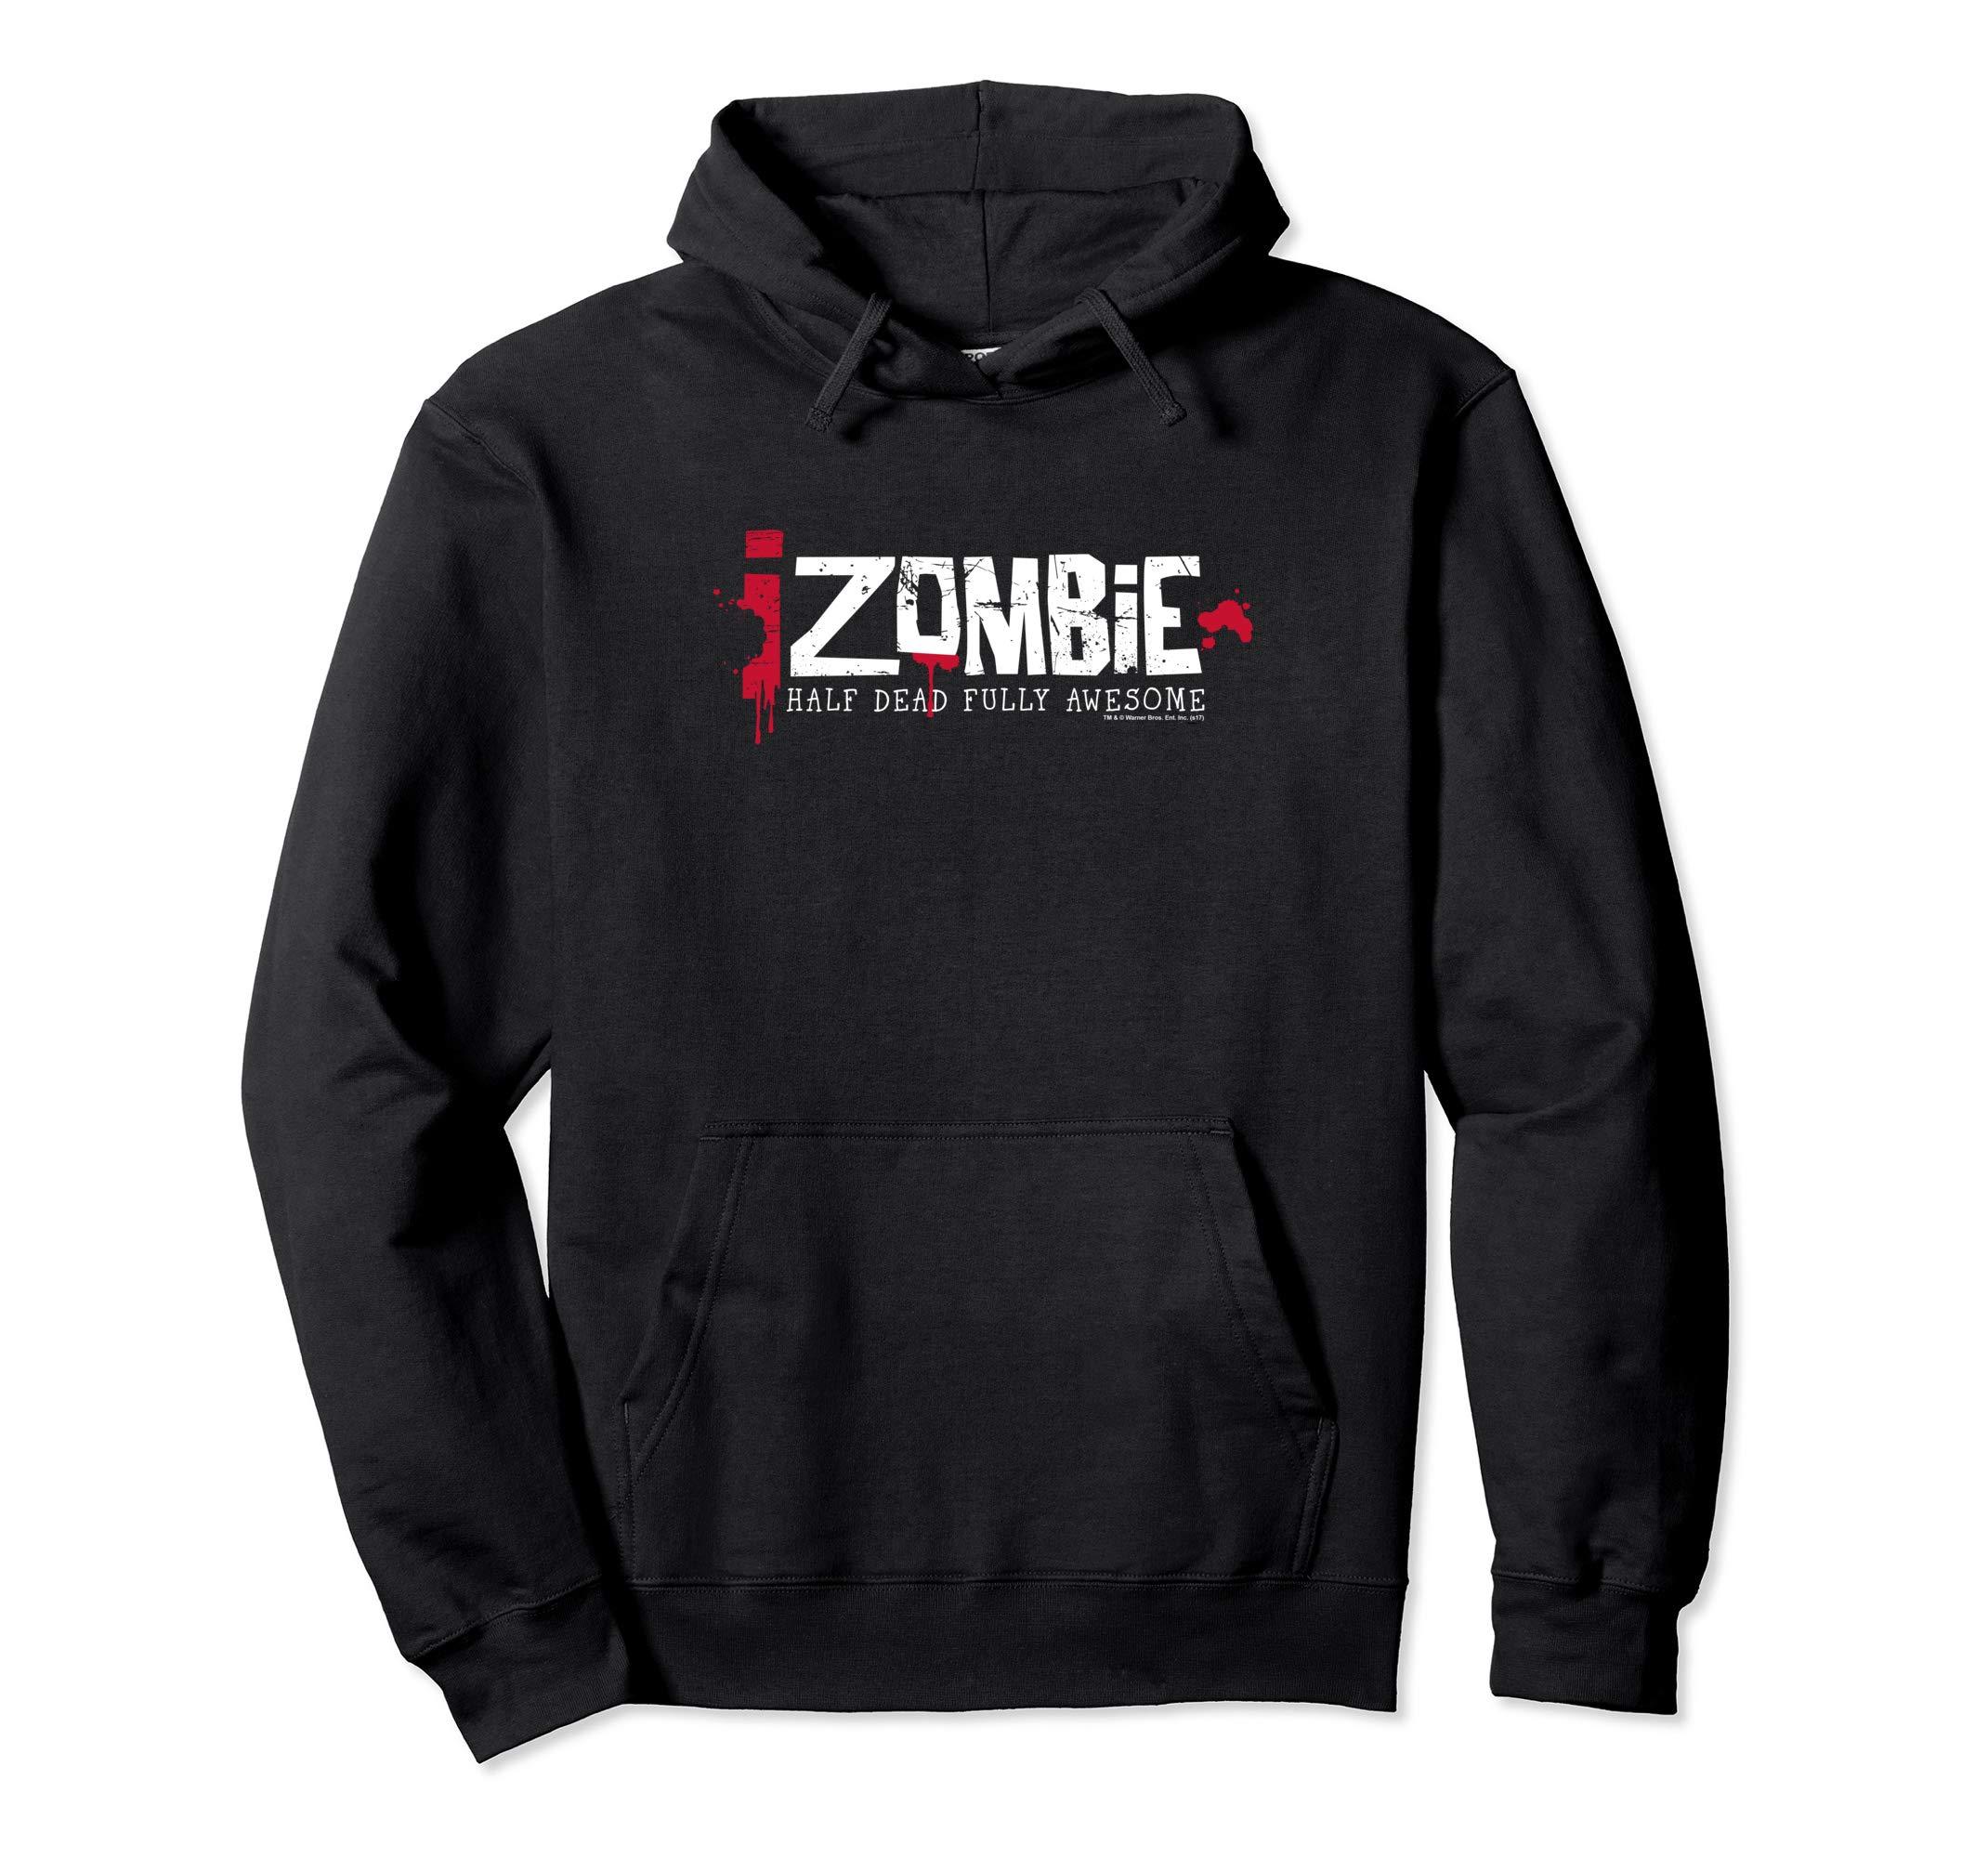 Amazon.com: iZombie Logo Pullover Hoodie: Clothing.